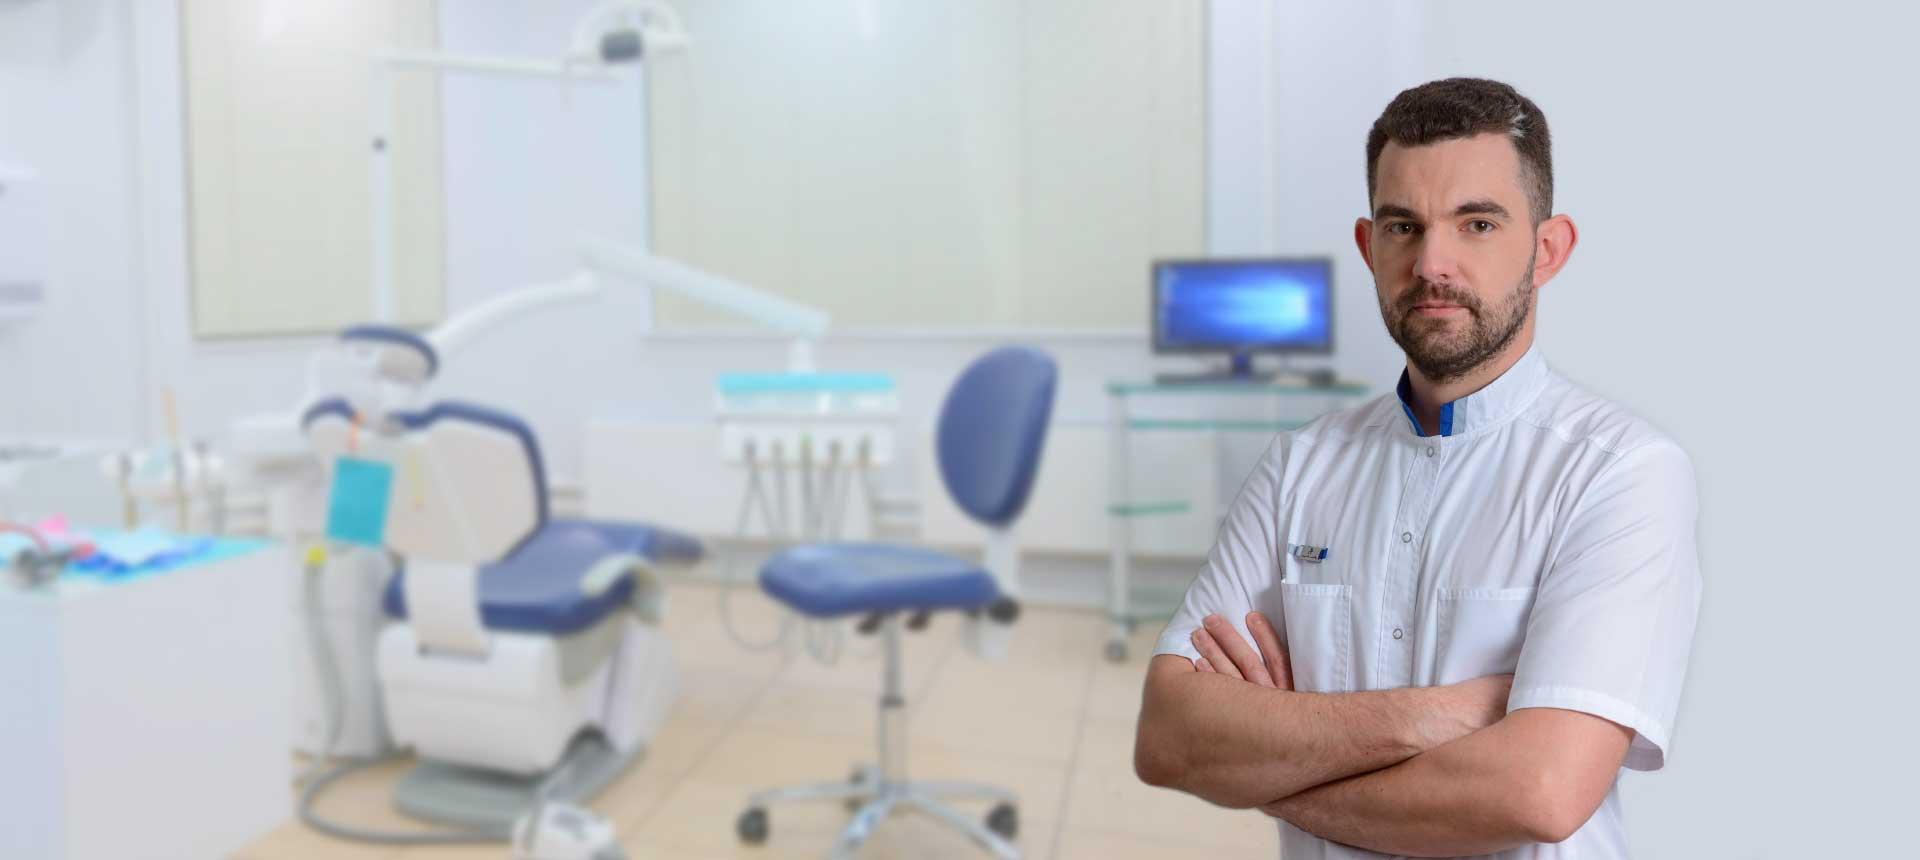 Стоматология Элефантдент